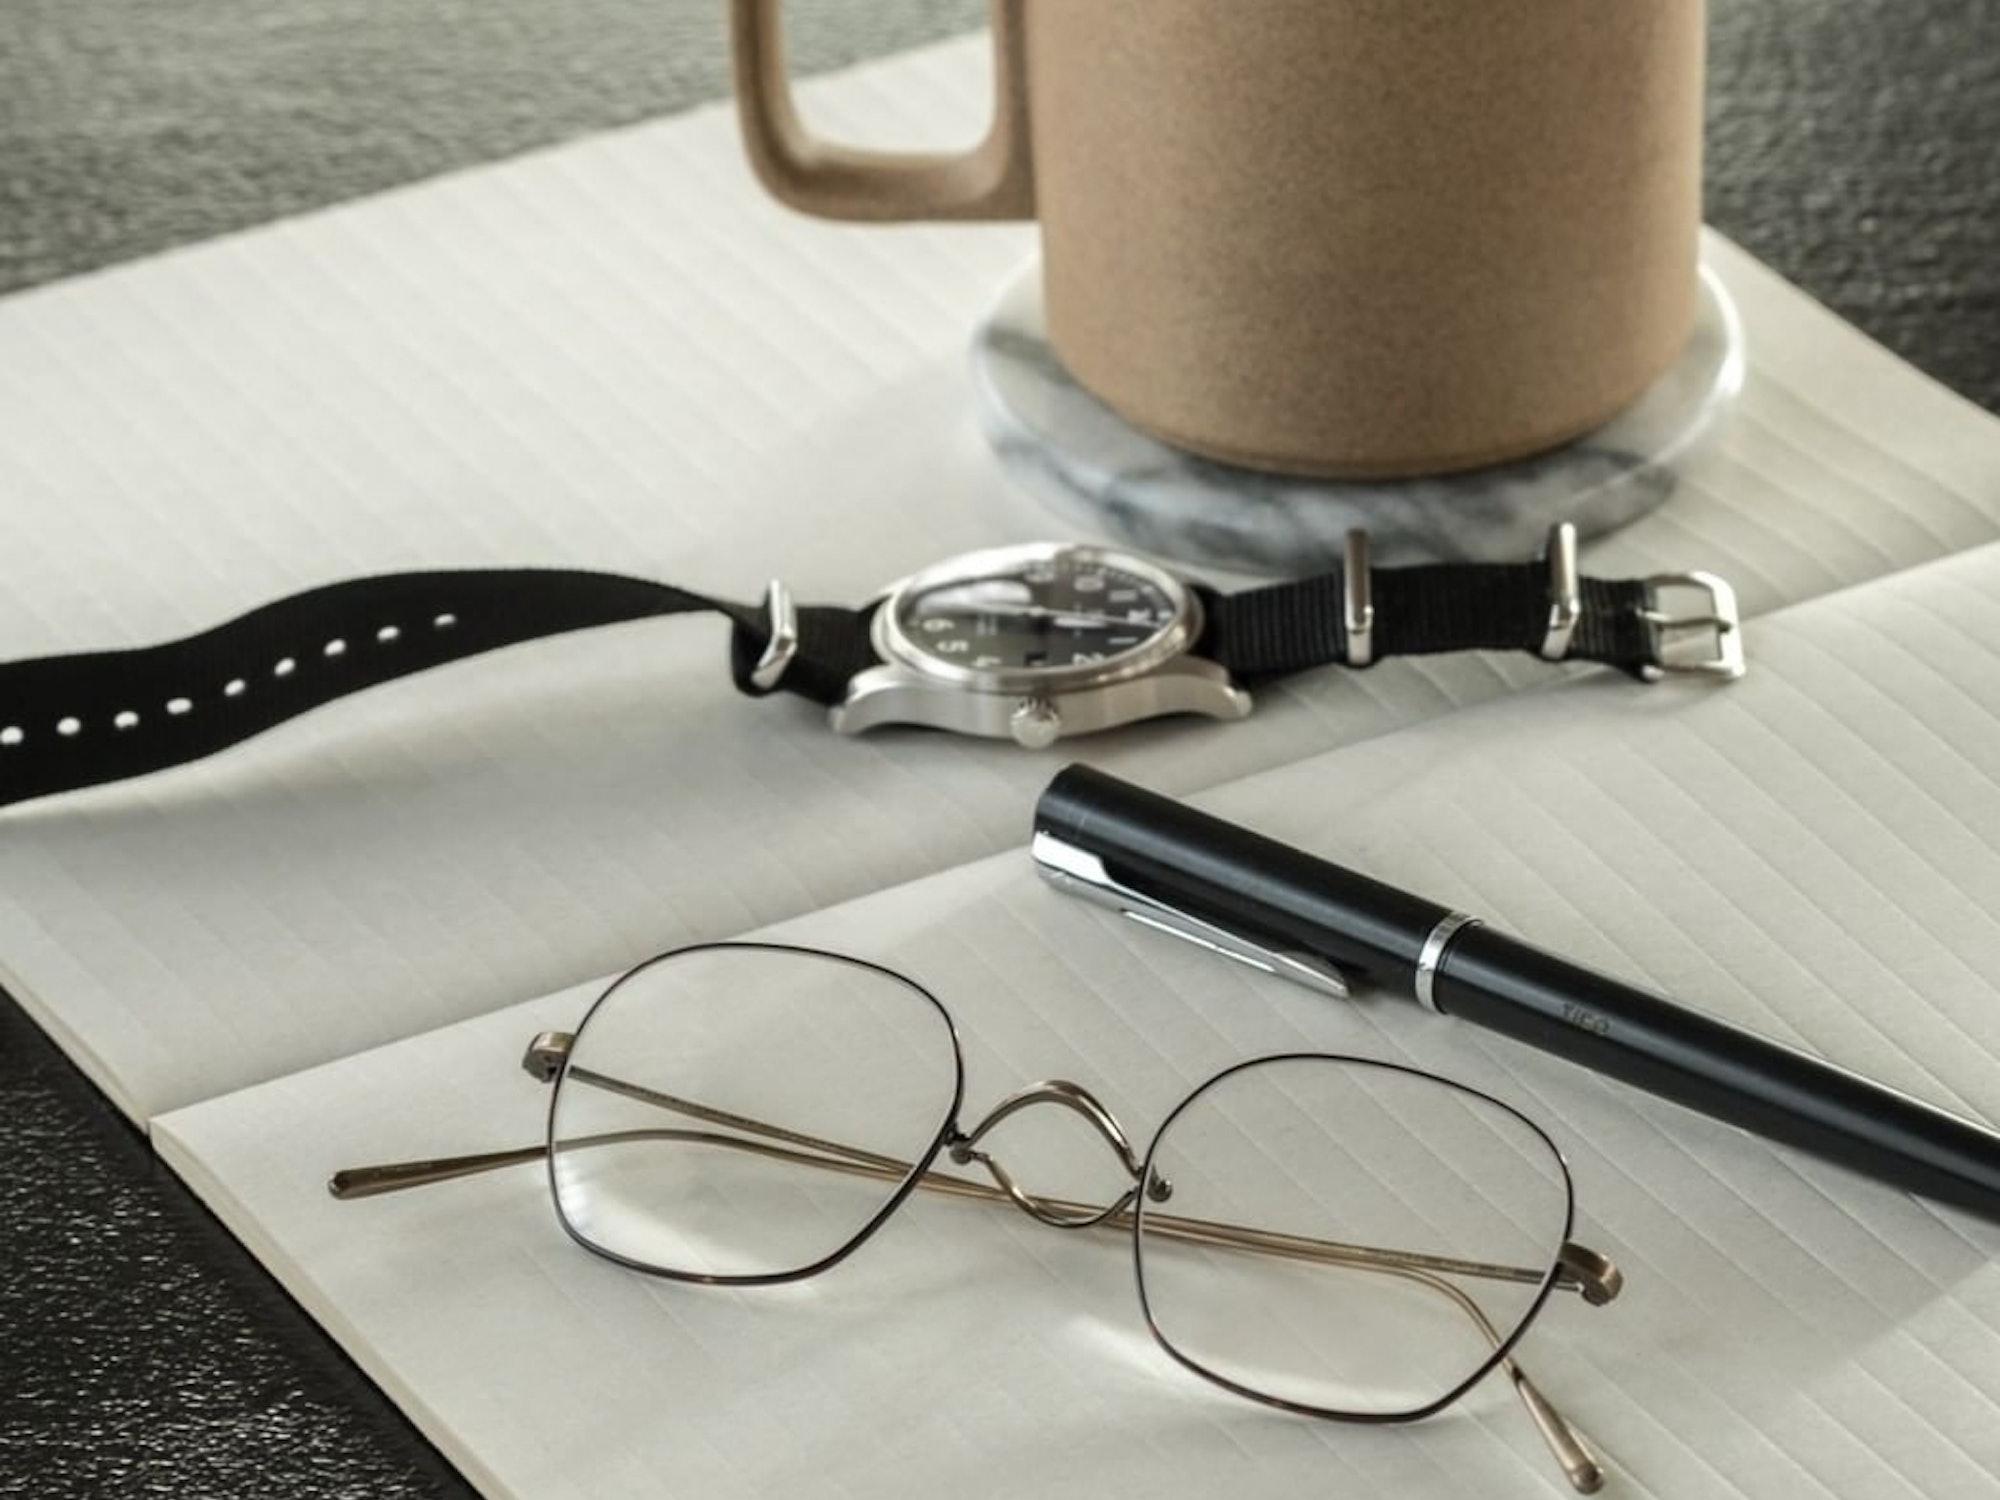 Bilde av en metallinnfatning fra Krogh Optikk som ligger på en bok sammen med klokke, penn og en kaffekopp.